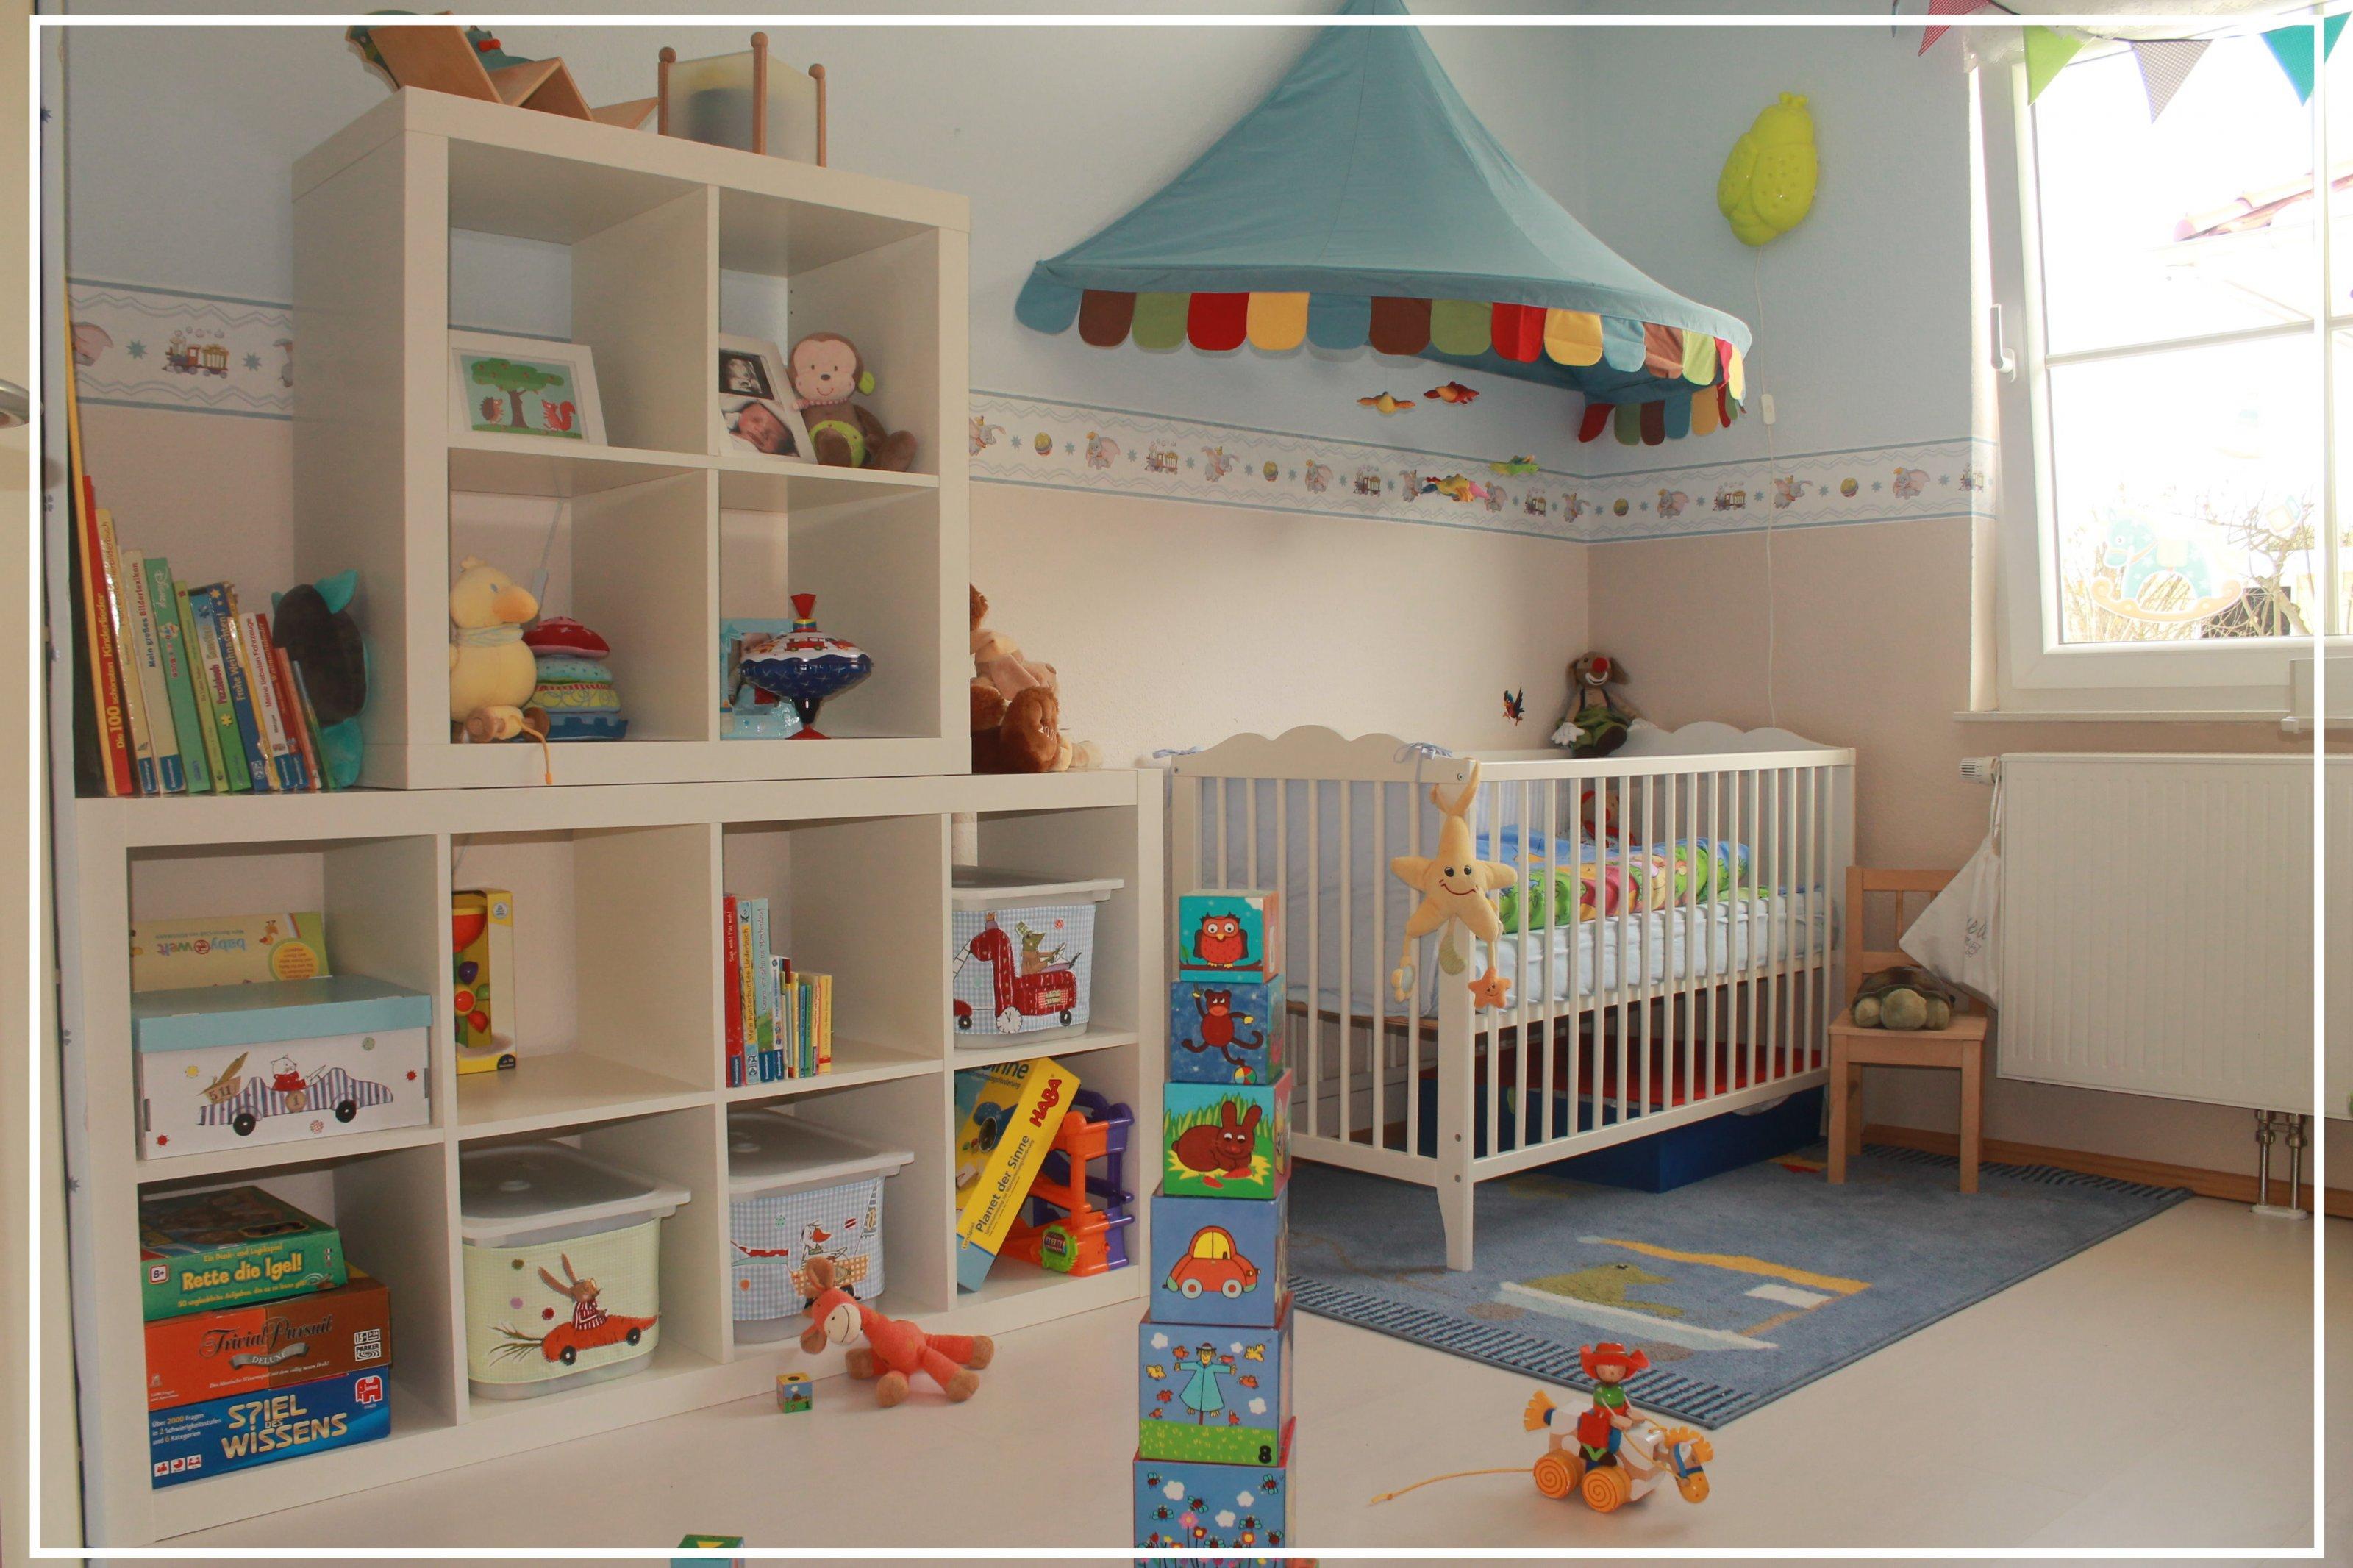 Kinderzimmer 39 babyzimmer kleinkindzimmer 39 unser zuhause for Kinderzimmer kleinkind